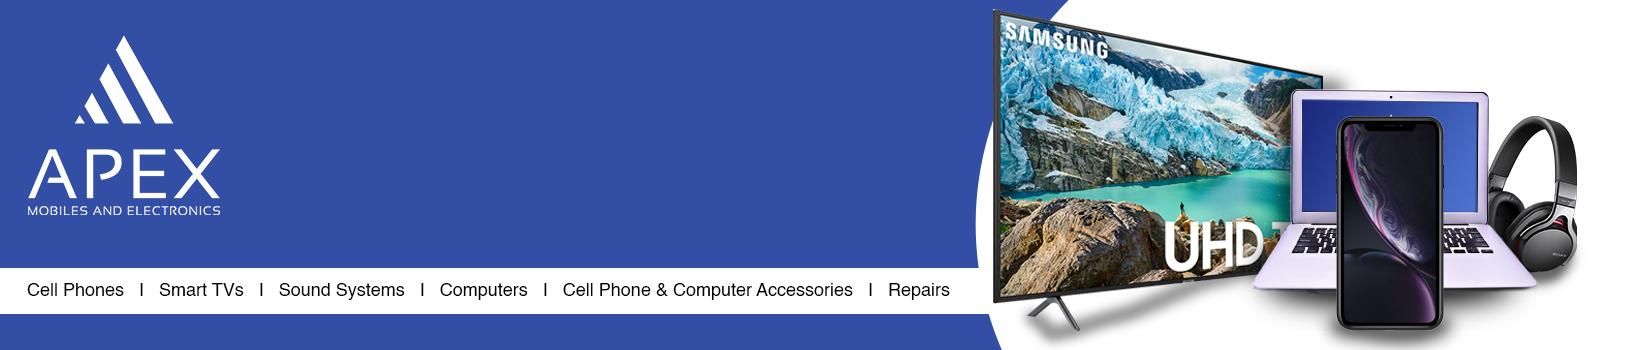 APEX MOBILES & ELECTRONICS